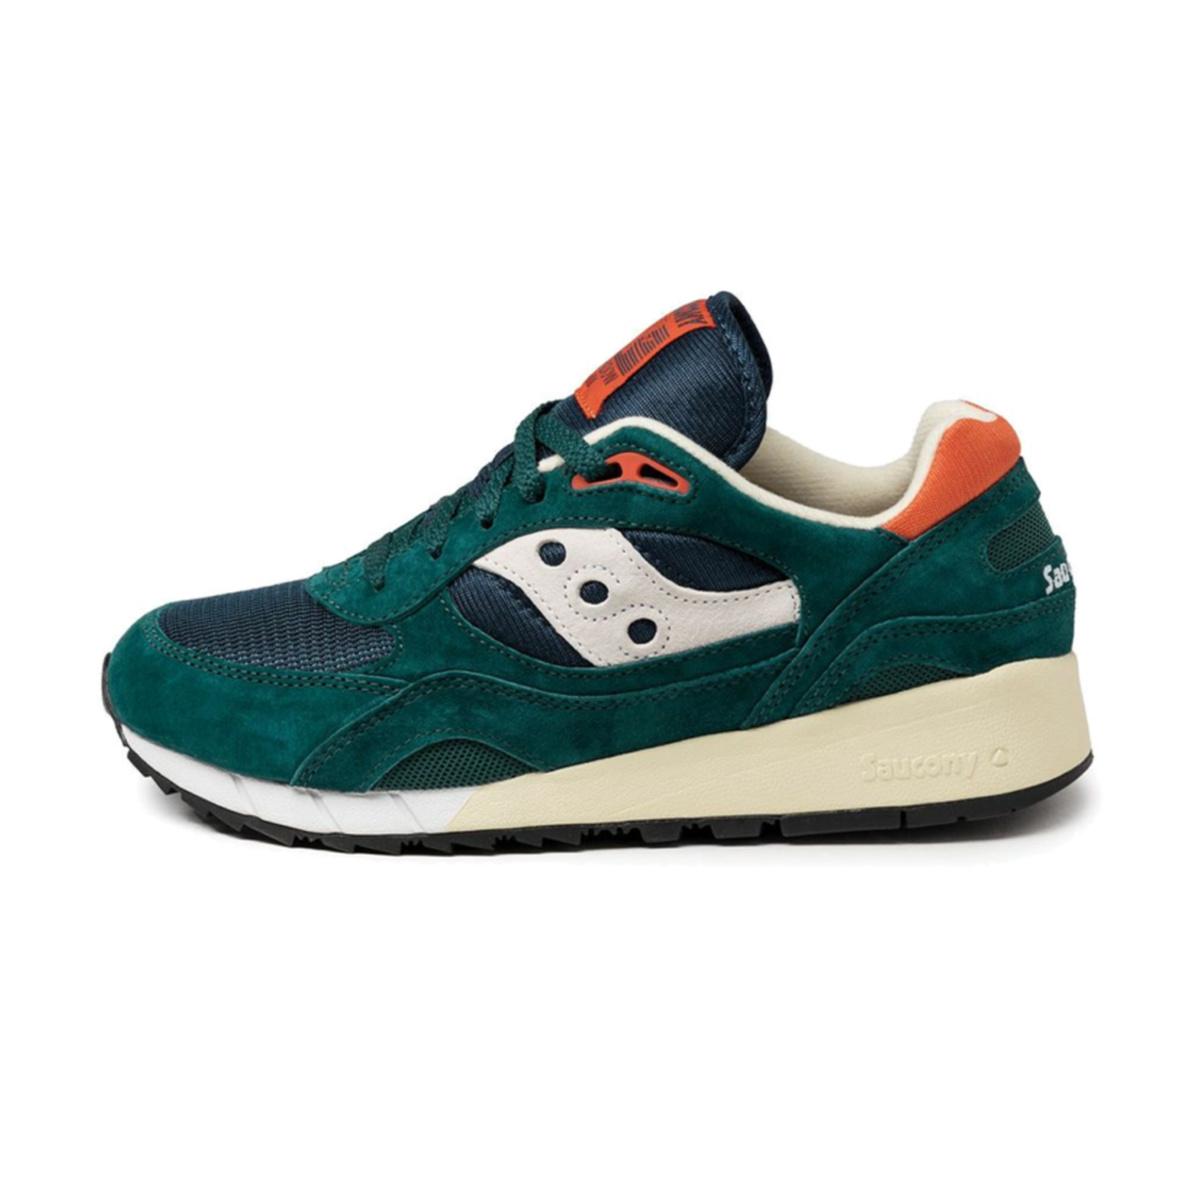 Saucony Shadow 6000 (Green/Navy/Orange) S70441-20